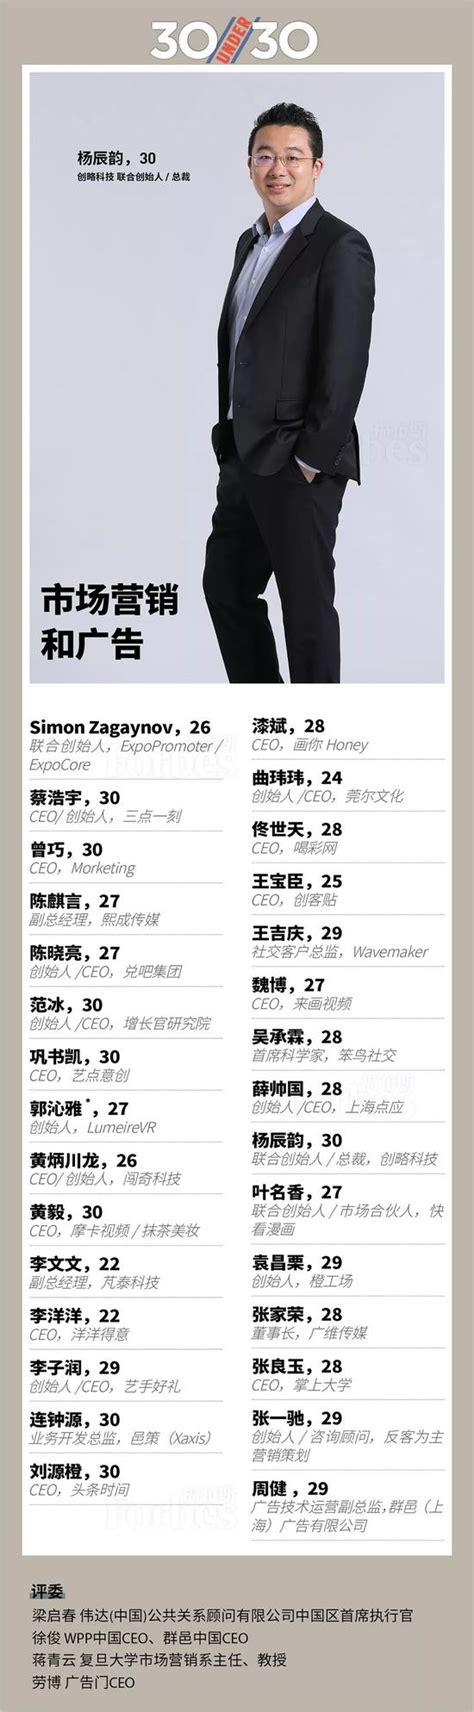 福布斯中国2018年30位30岁以下精英榜单公布 福布斯中国 30岁 榜单_新浪科技_新浪网